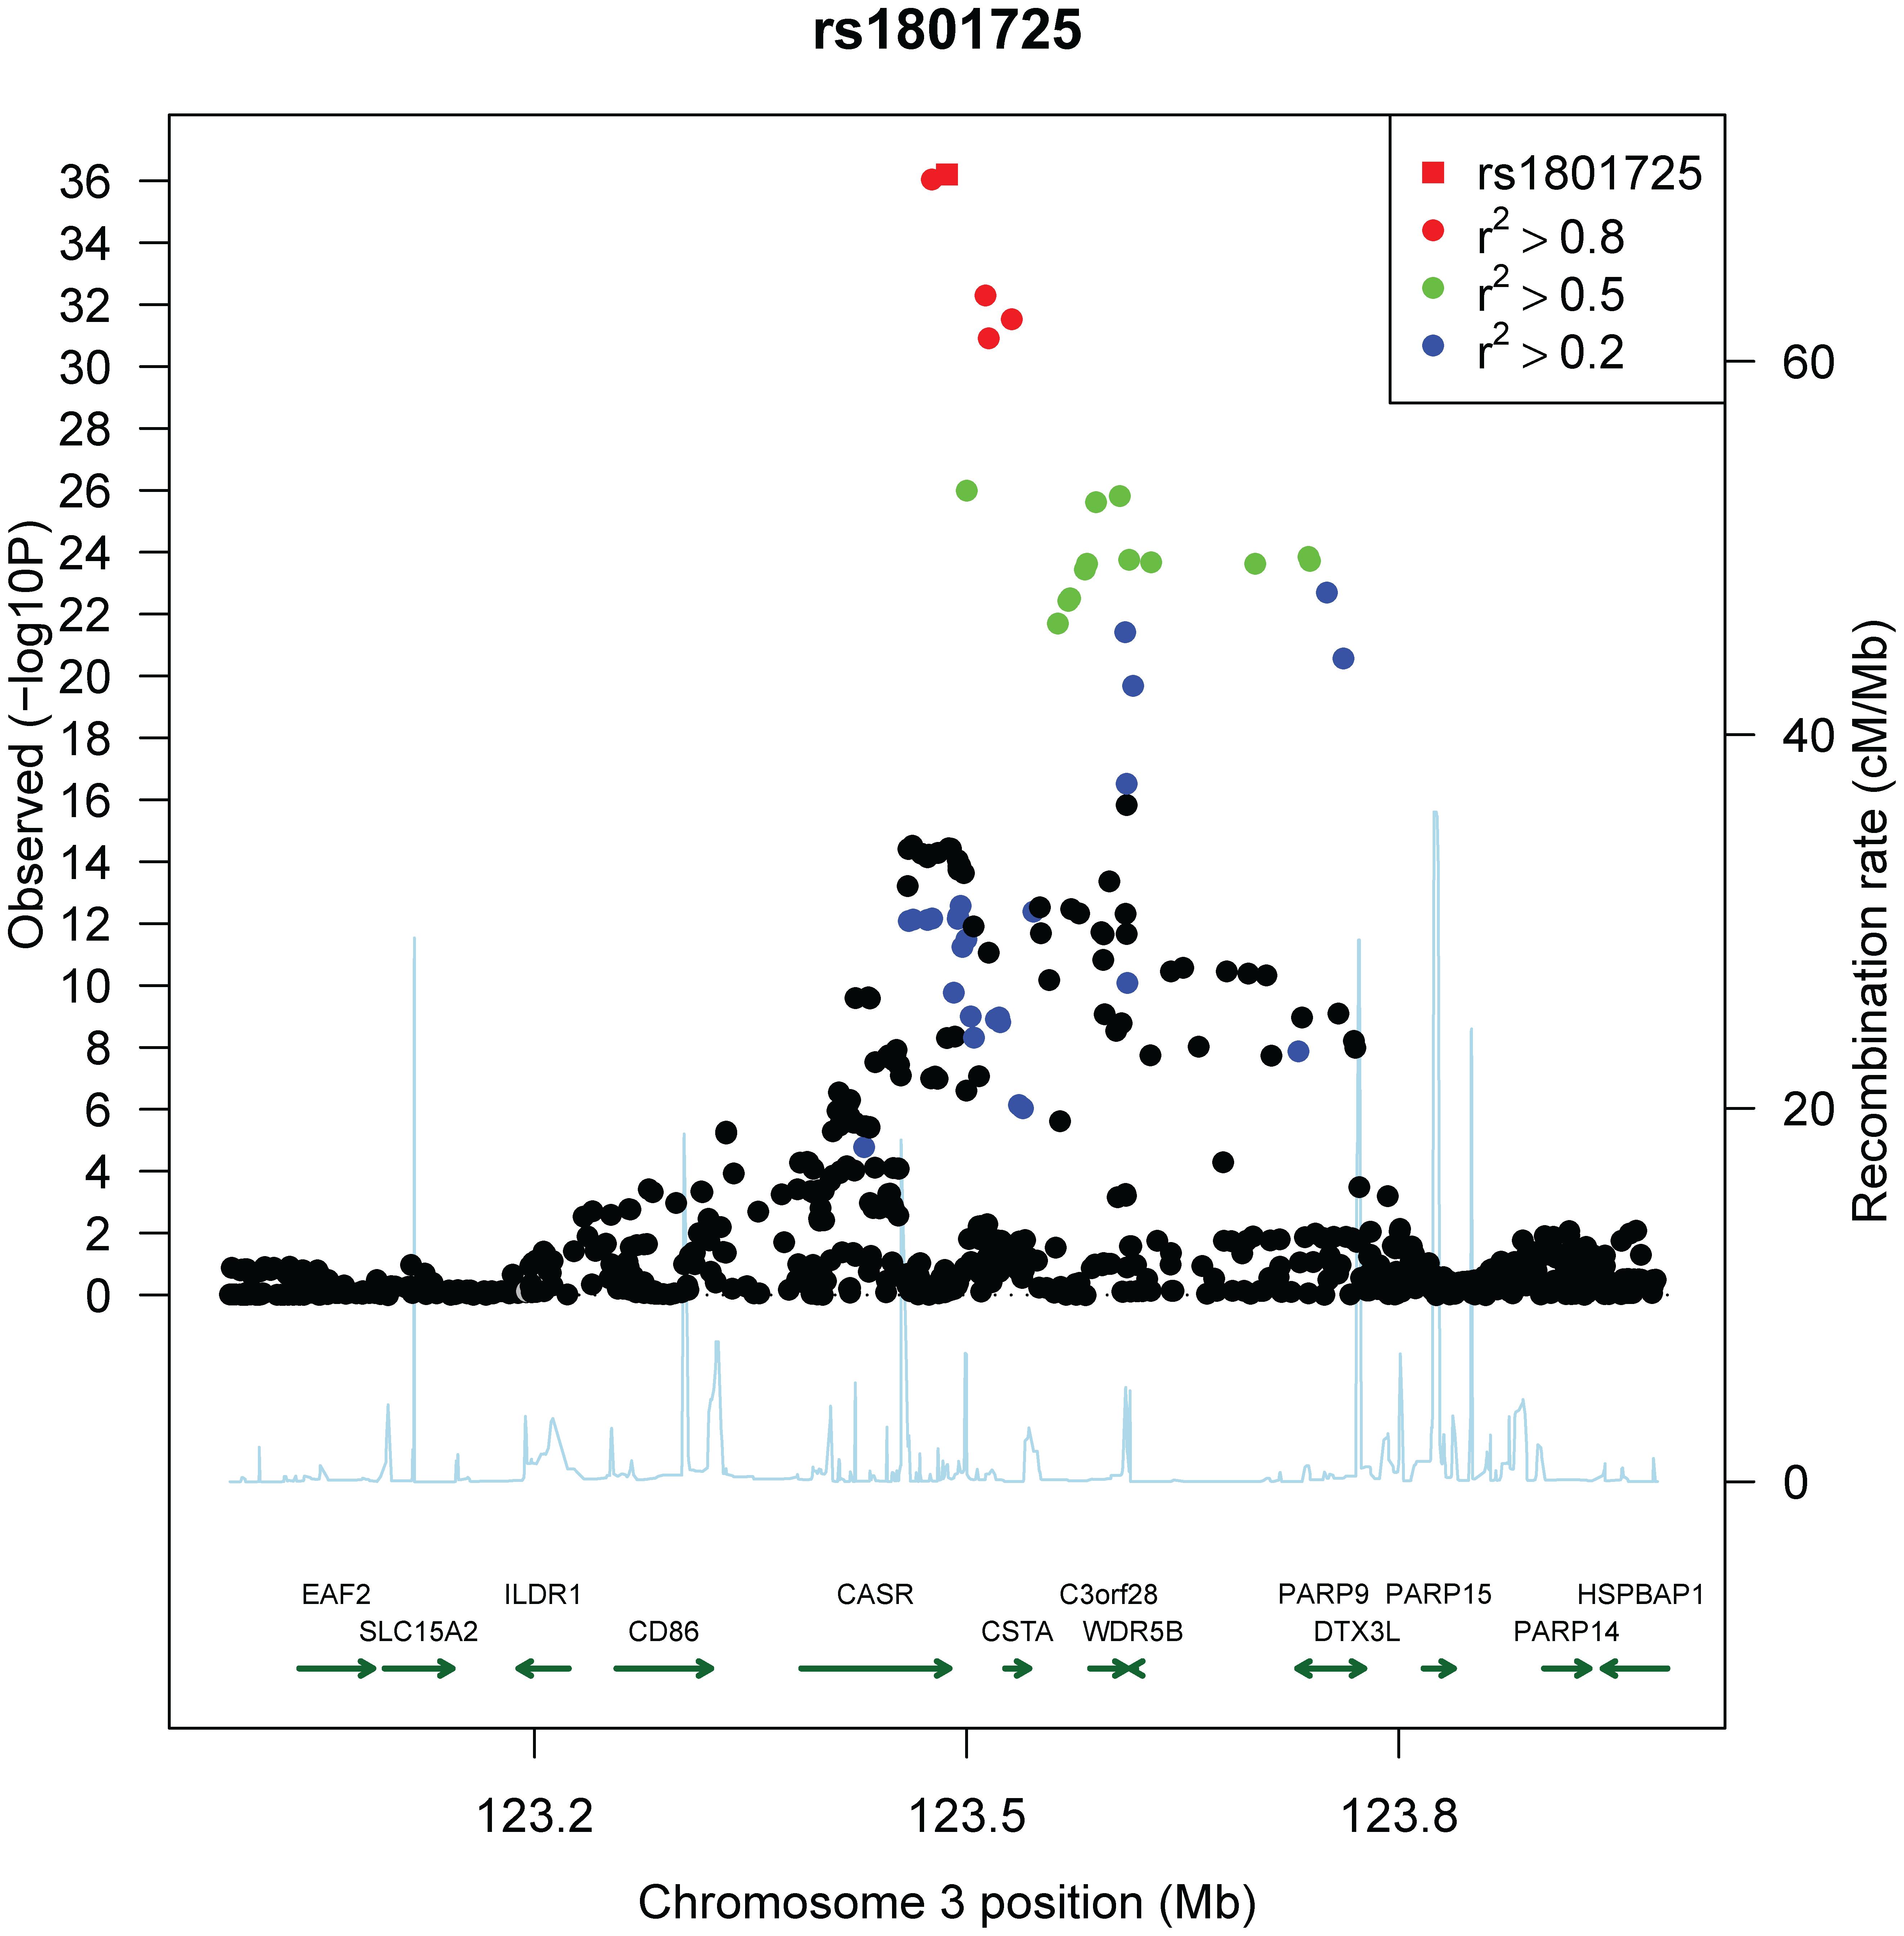 Regional association plot of the <i>CASR</i> locus.